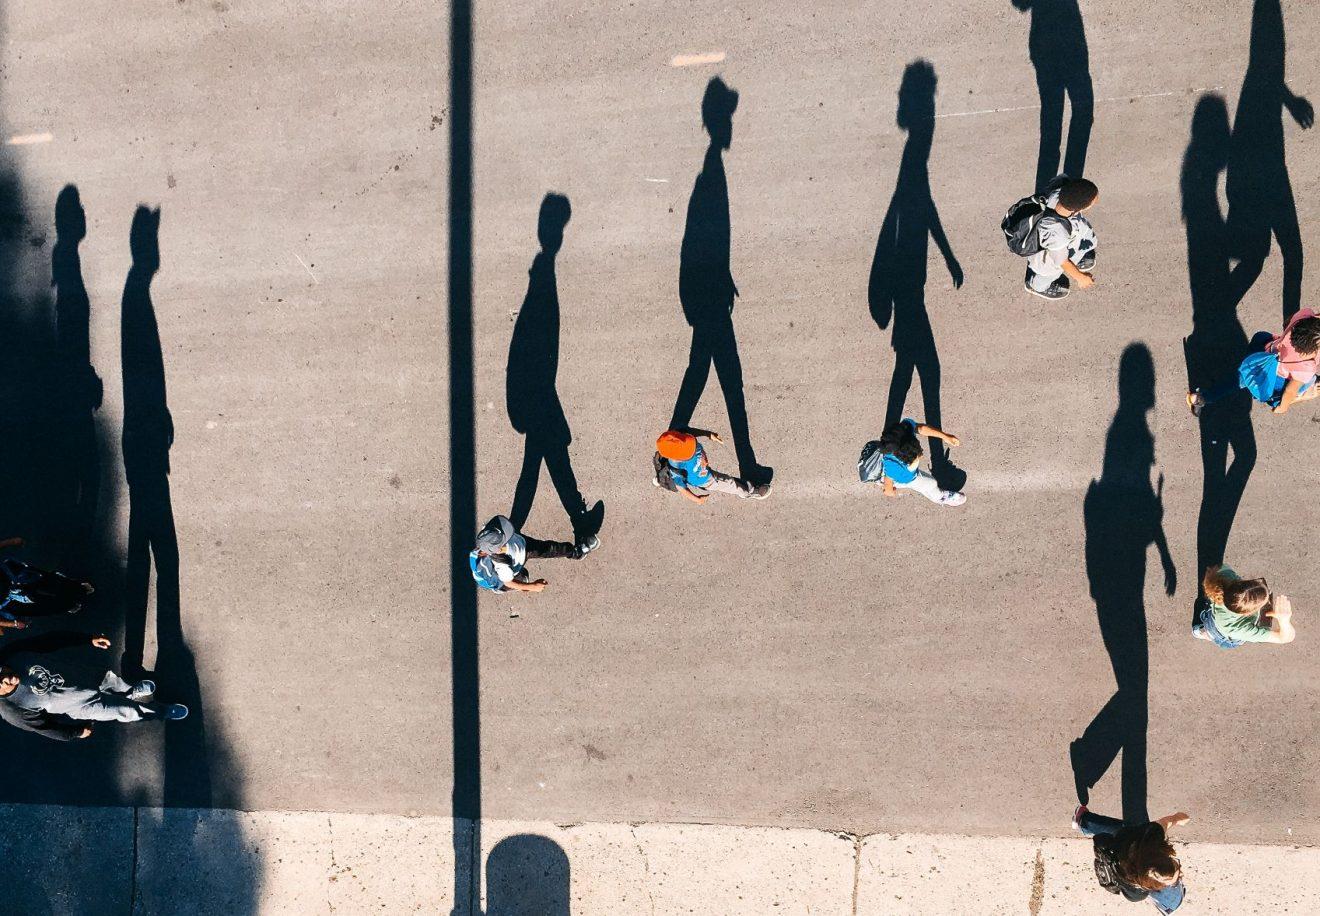 Menschen laufen mit einem großen Schatten